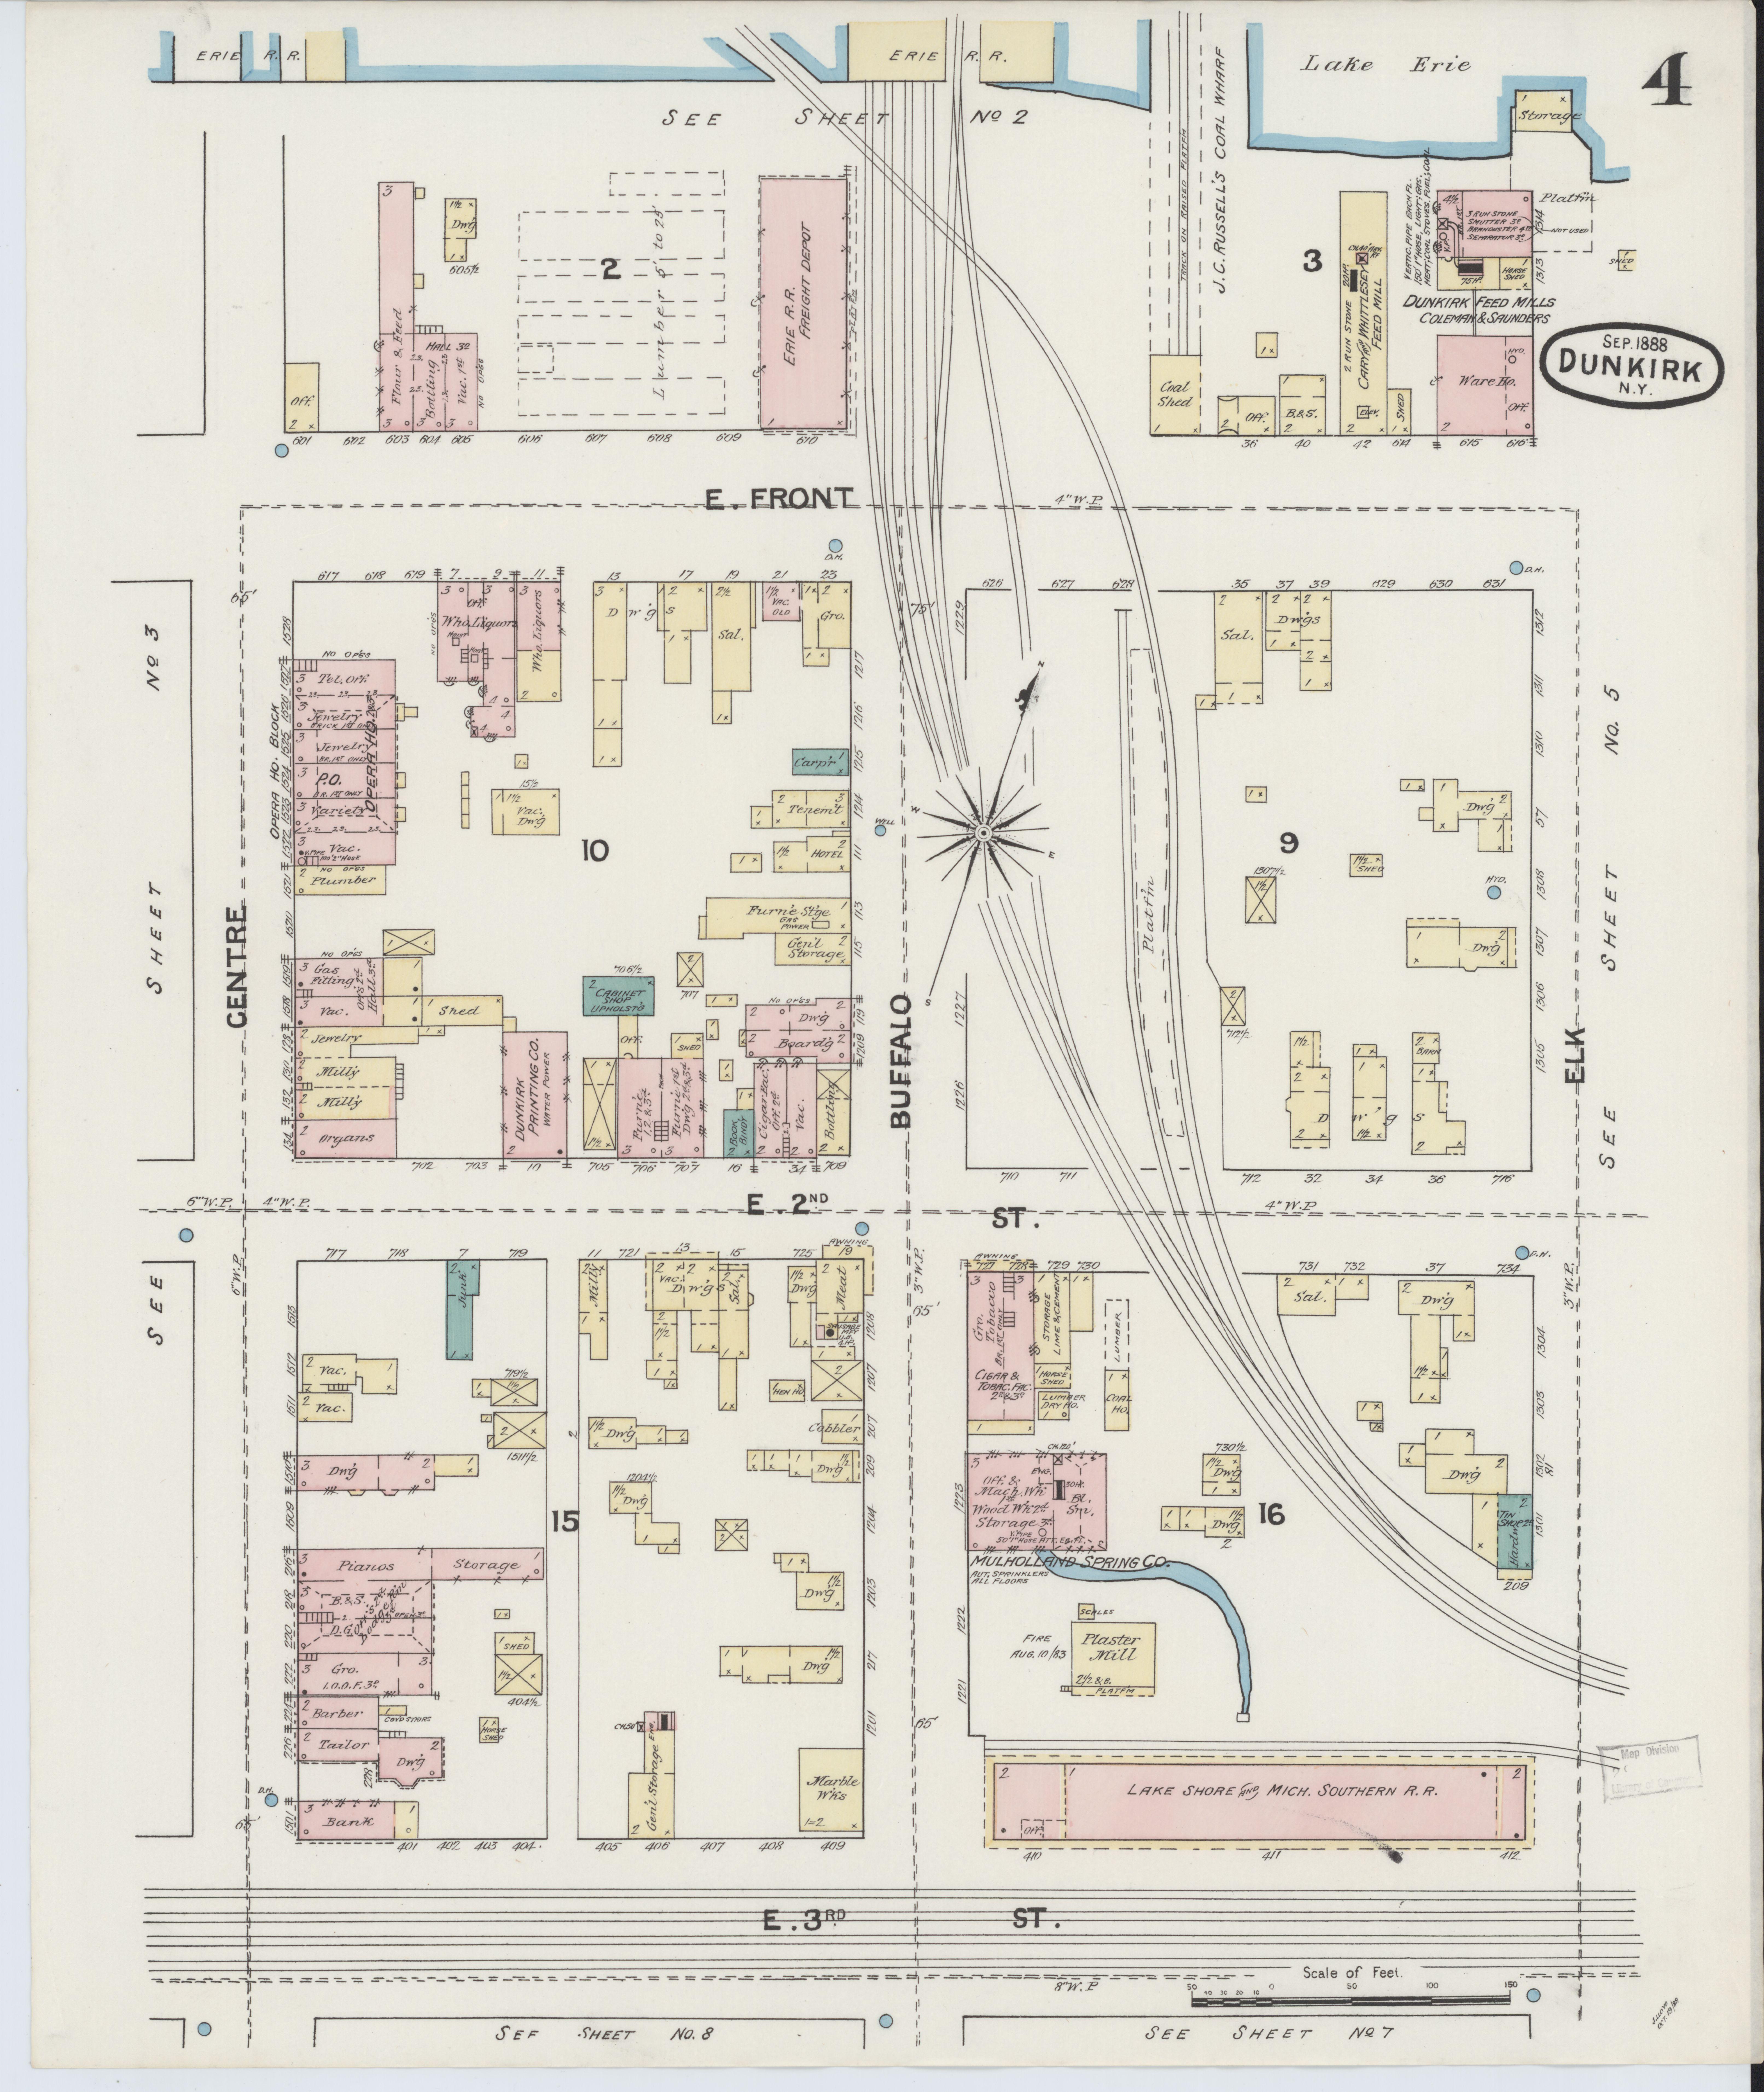 File:Sanborn Fire Insurance Map from Dunkirk, Chautauqua ... on 222 broadway ny map, chautauqua gorge ny, city of troy ny map, chautauqua new york map, dunkirk ny map, charlotte ny map, east rochester ny map, ellery ny map, new berlin ny map, purchase ny map, new city ny map, jamestown ny map, buffalo ny map, cheektowaga ny map, kaser village ny map, fulton street ny map, oswegatchie river ny map, mayville new york map, new york ny map, rockville centre ny map,